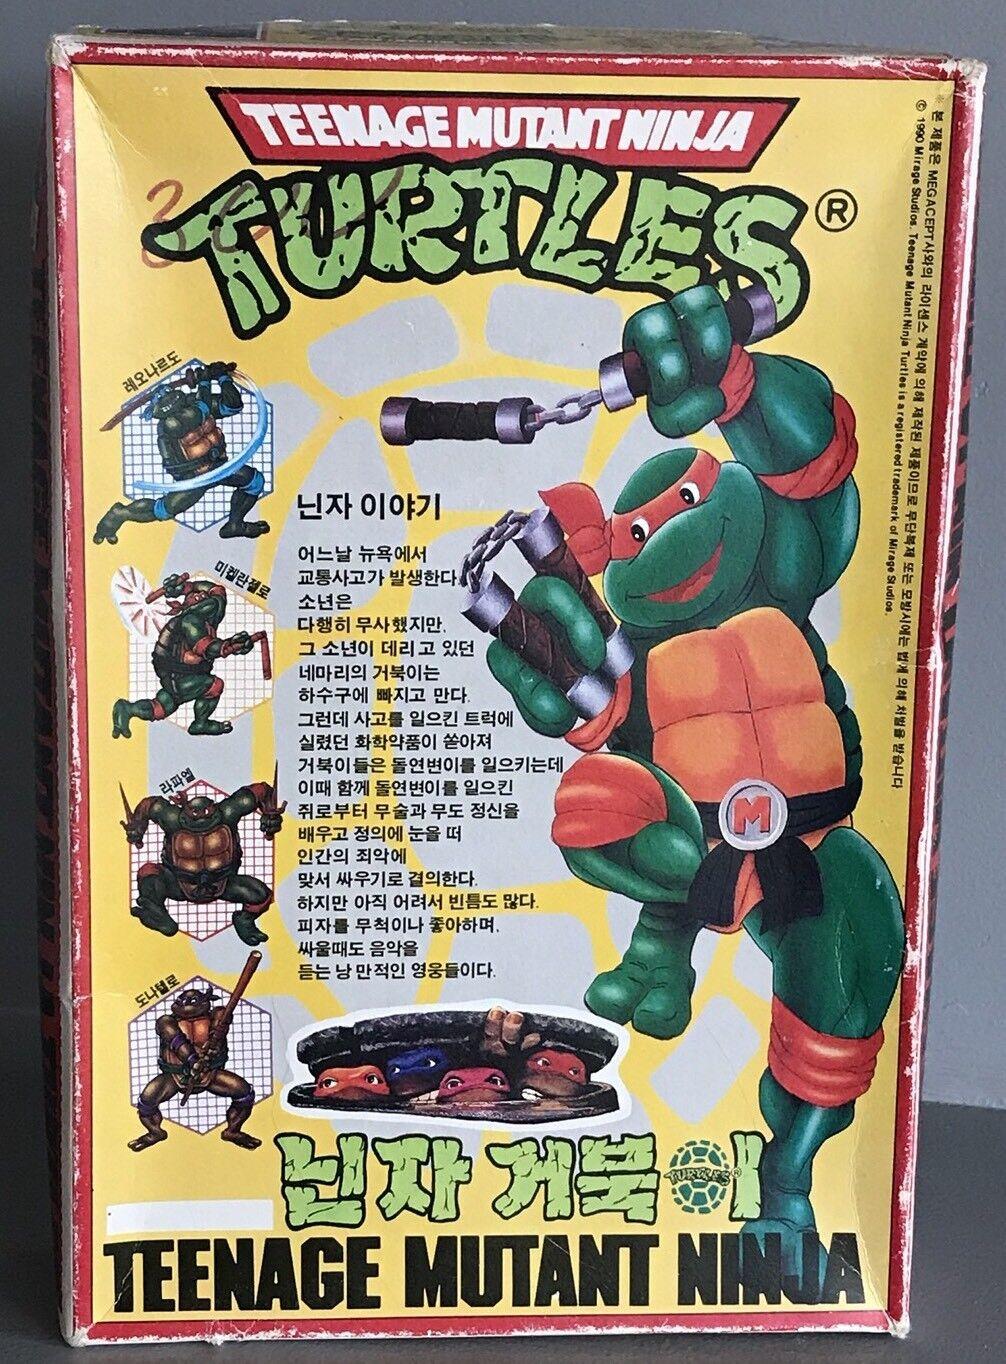 punto de venta de la marca Vintage megacept Teenage Mutant Mutant Mutant Ninja Turtles 1990 Coreana Modelo Kit súper Raro Oficial KO botaleg pegado  ventas calientes